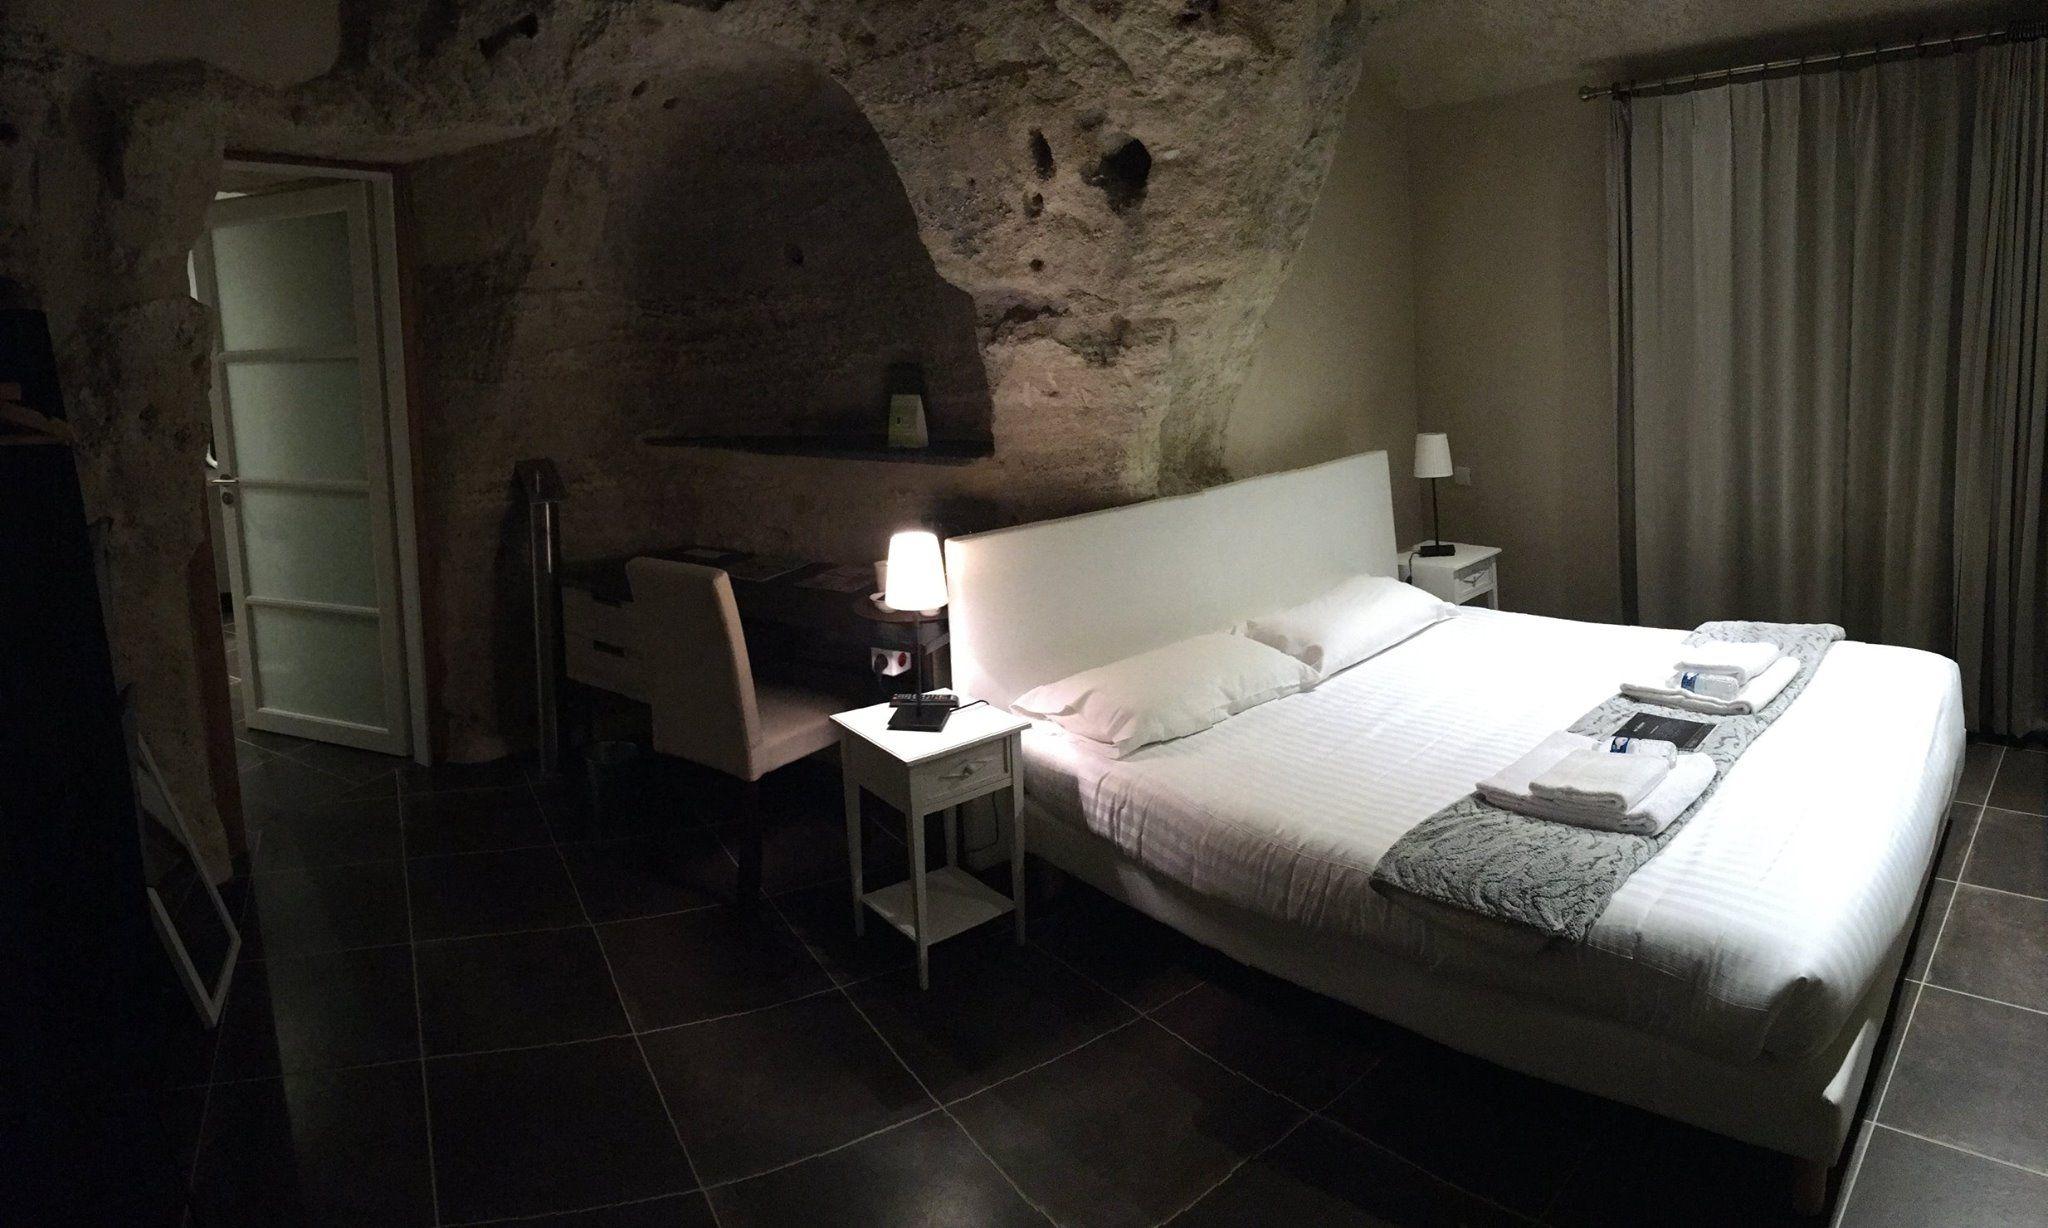 A 23 Km De Saumur Et Pres De Doue La Fontaine L Hotel Troglodyte Rocaminori Dispose De 12 Chambres Trogl Hebergement Insolite Doue La Fontaine Pays De La Loire